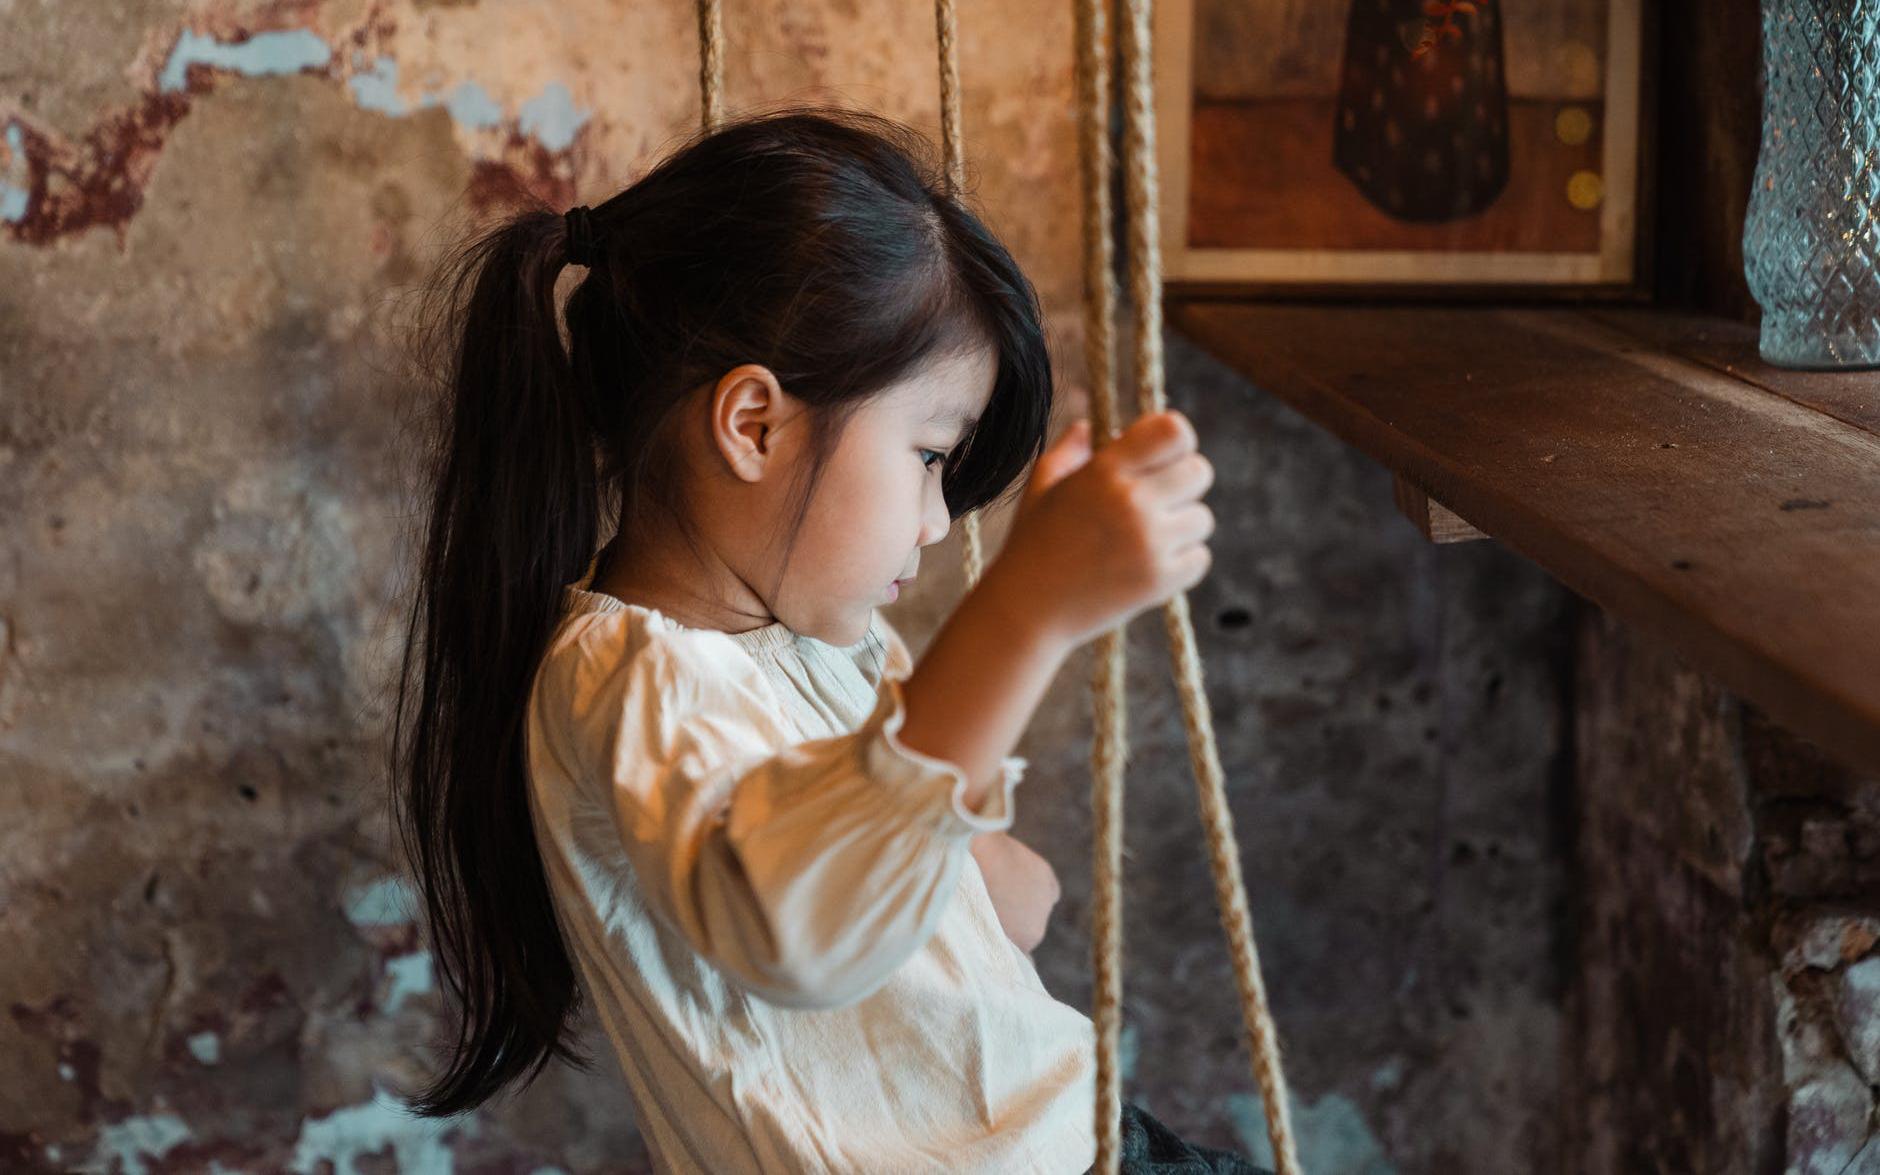 Thay vì chỉ biết xót xa khi con bị cô lập ở trường, đây mới là 5 điều bố mẹ nên làm để giúp con